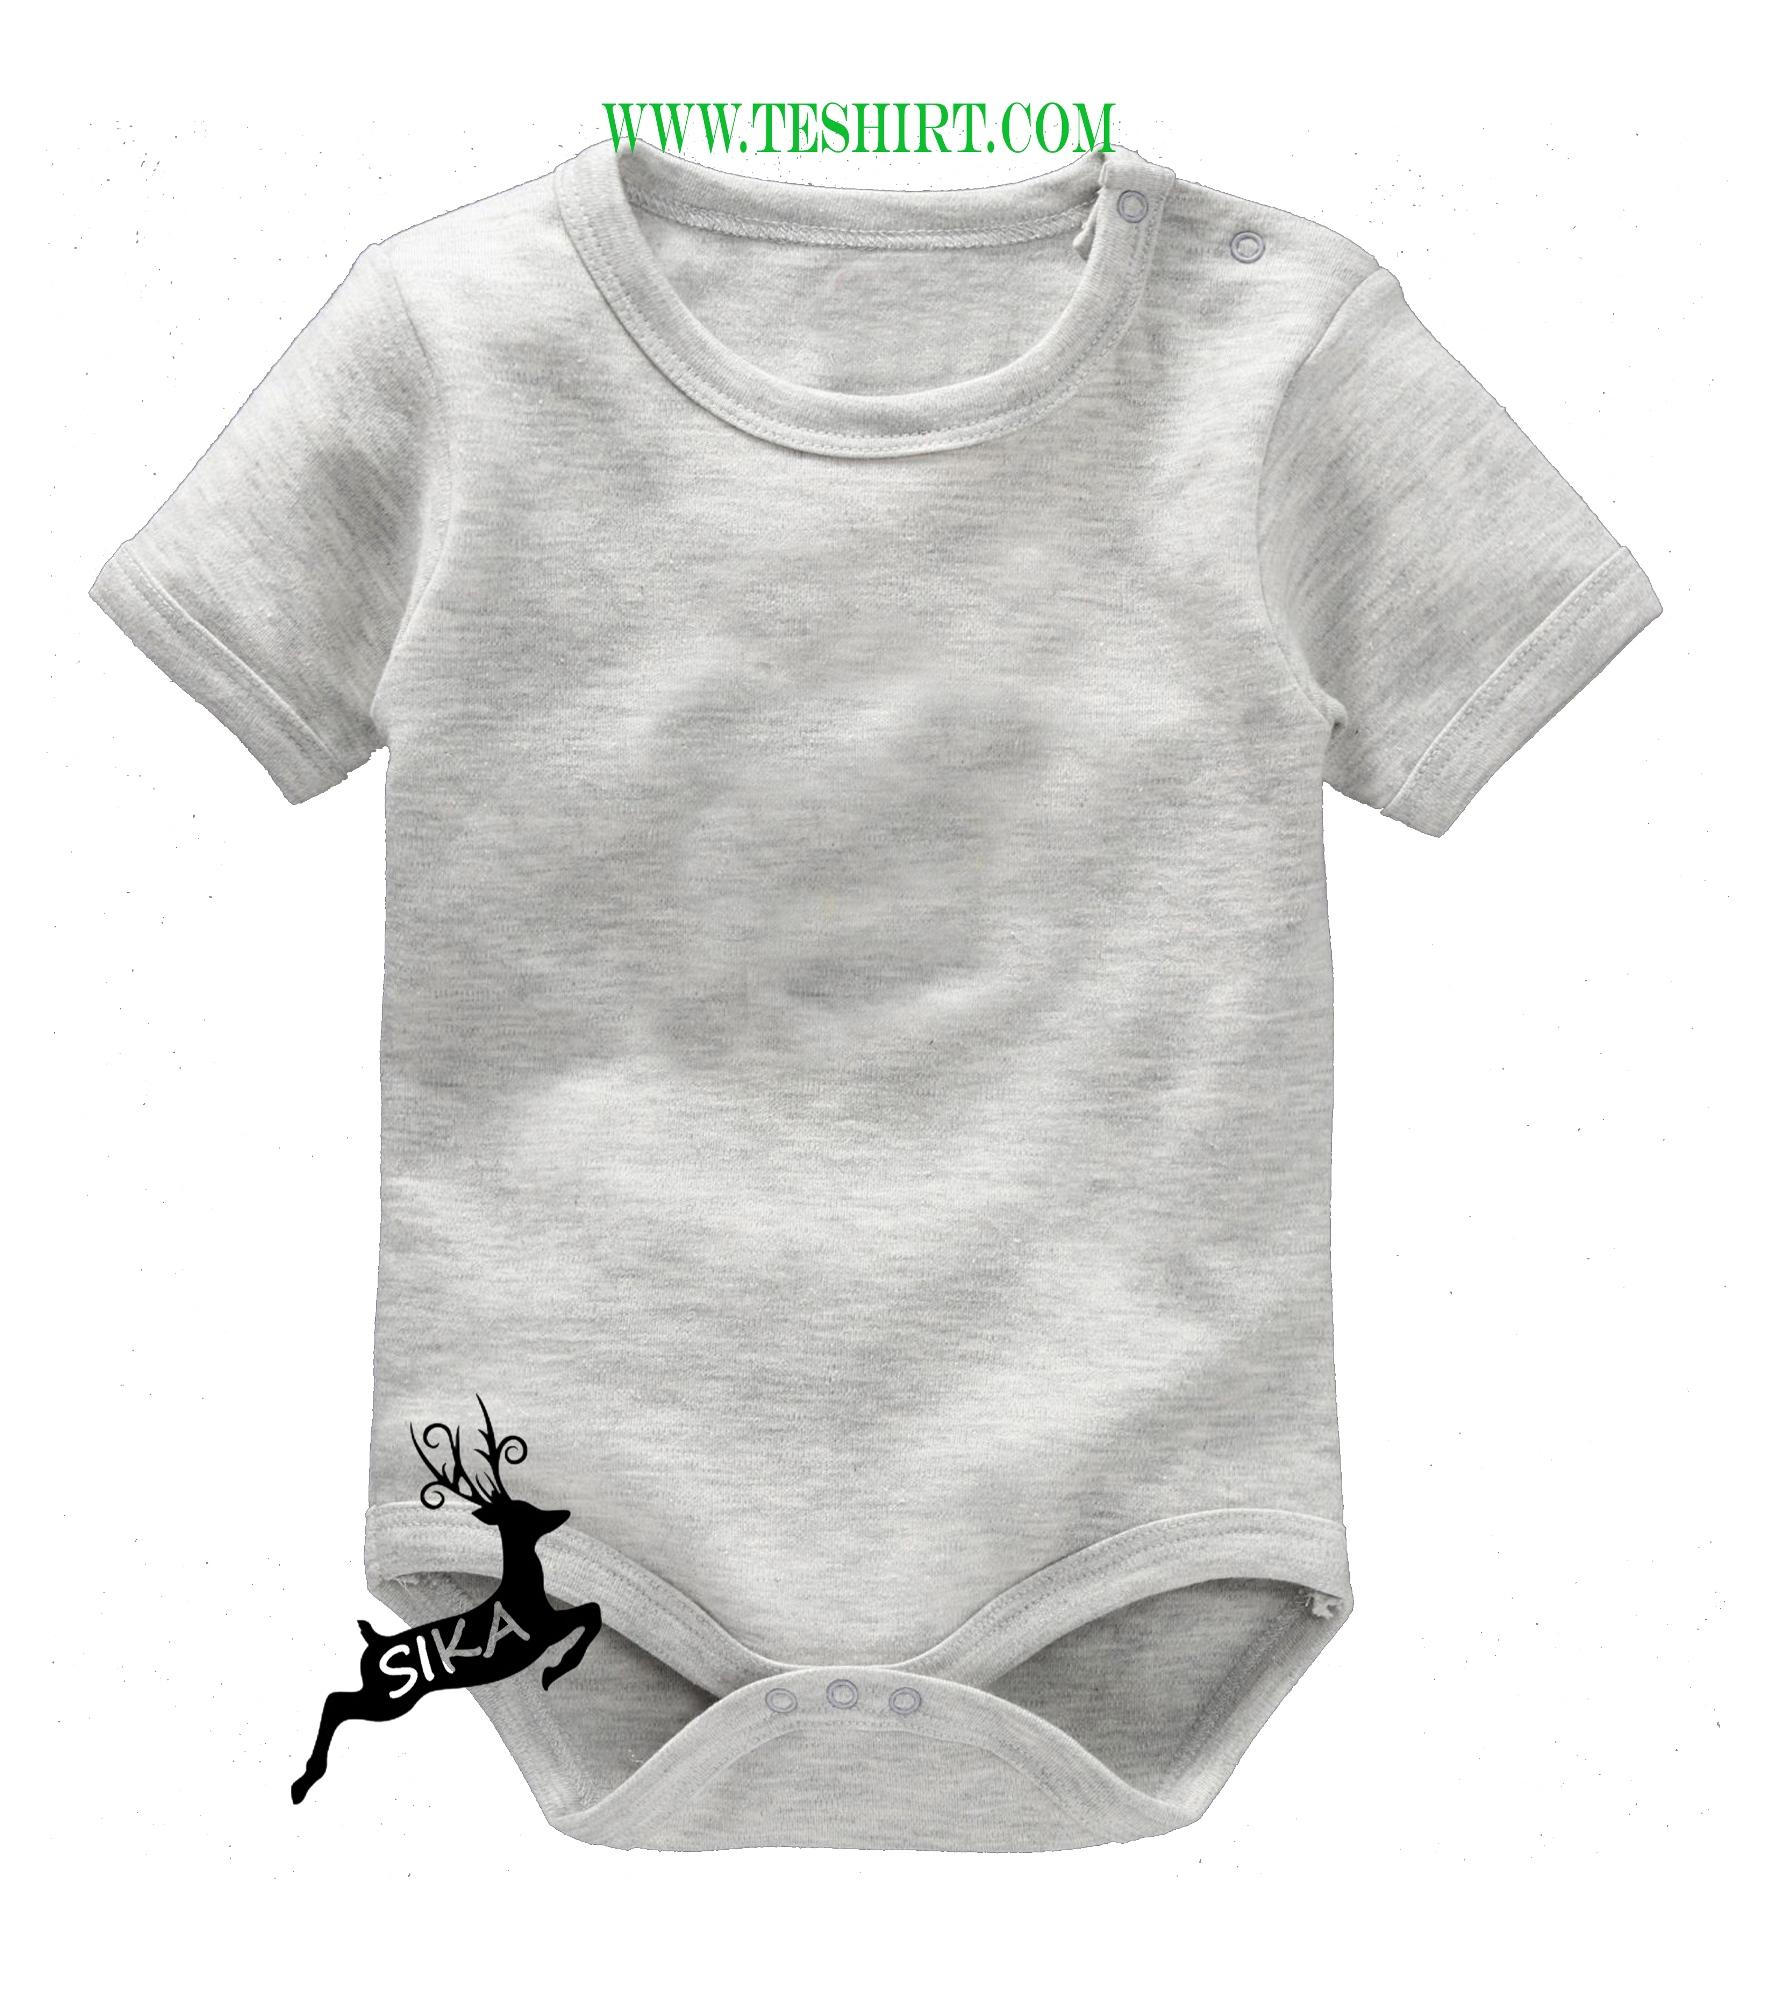 Ring spun bio Cotone lavato Commercio All'ingrosso vestiti del bambino Appena Nato Del Bambino Dei Ragazzi organico Animale Sveglio Del bambino del Fumetto del pagliaccetto di Stampa Tute set